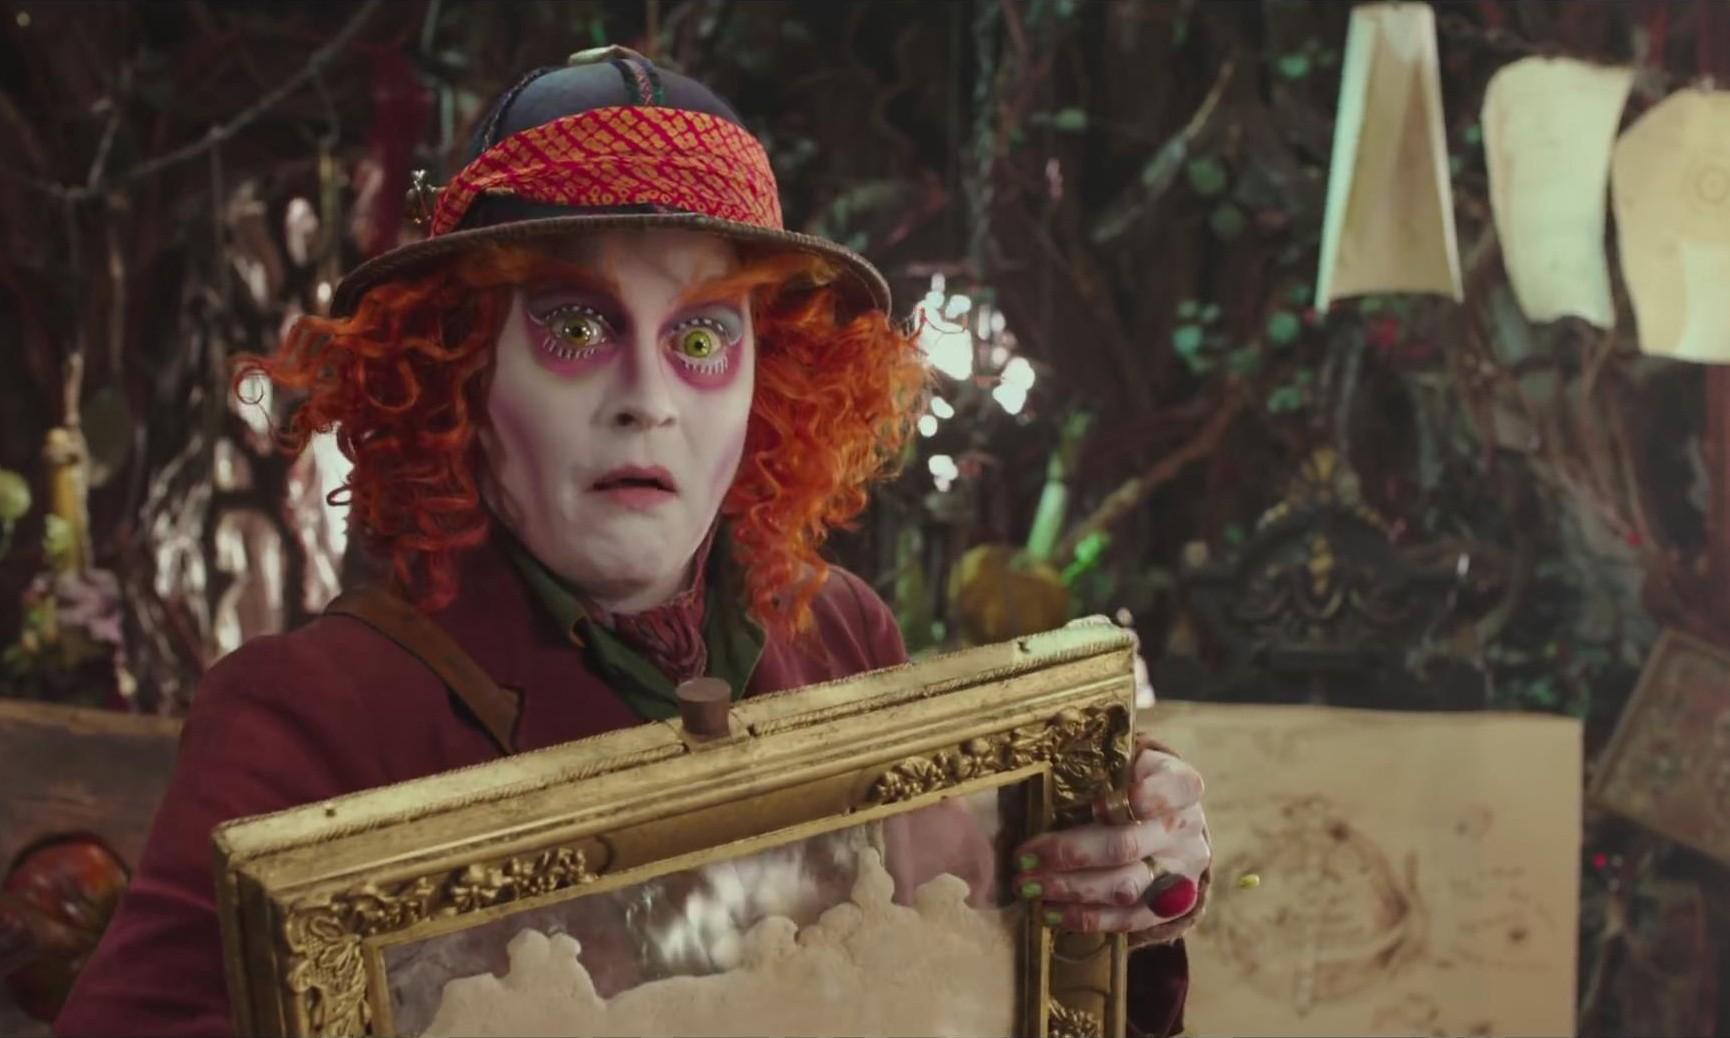 《爱丽丝梦游仙境 2:镜中奇遇记》预告片正式发布